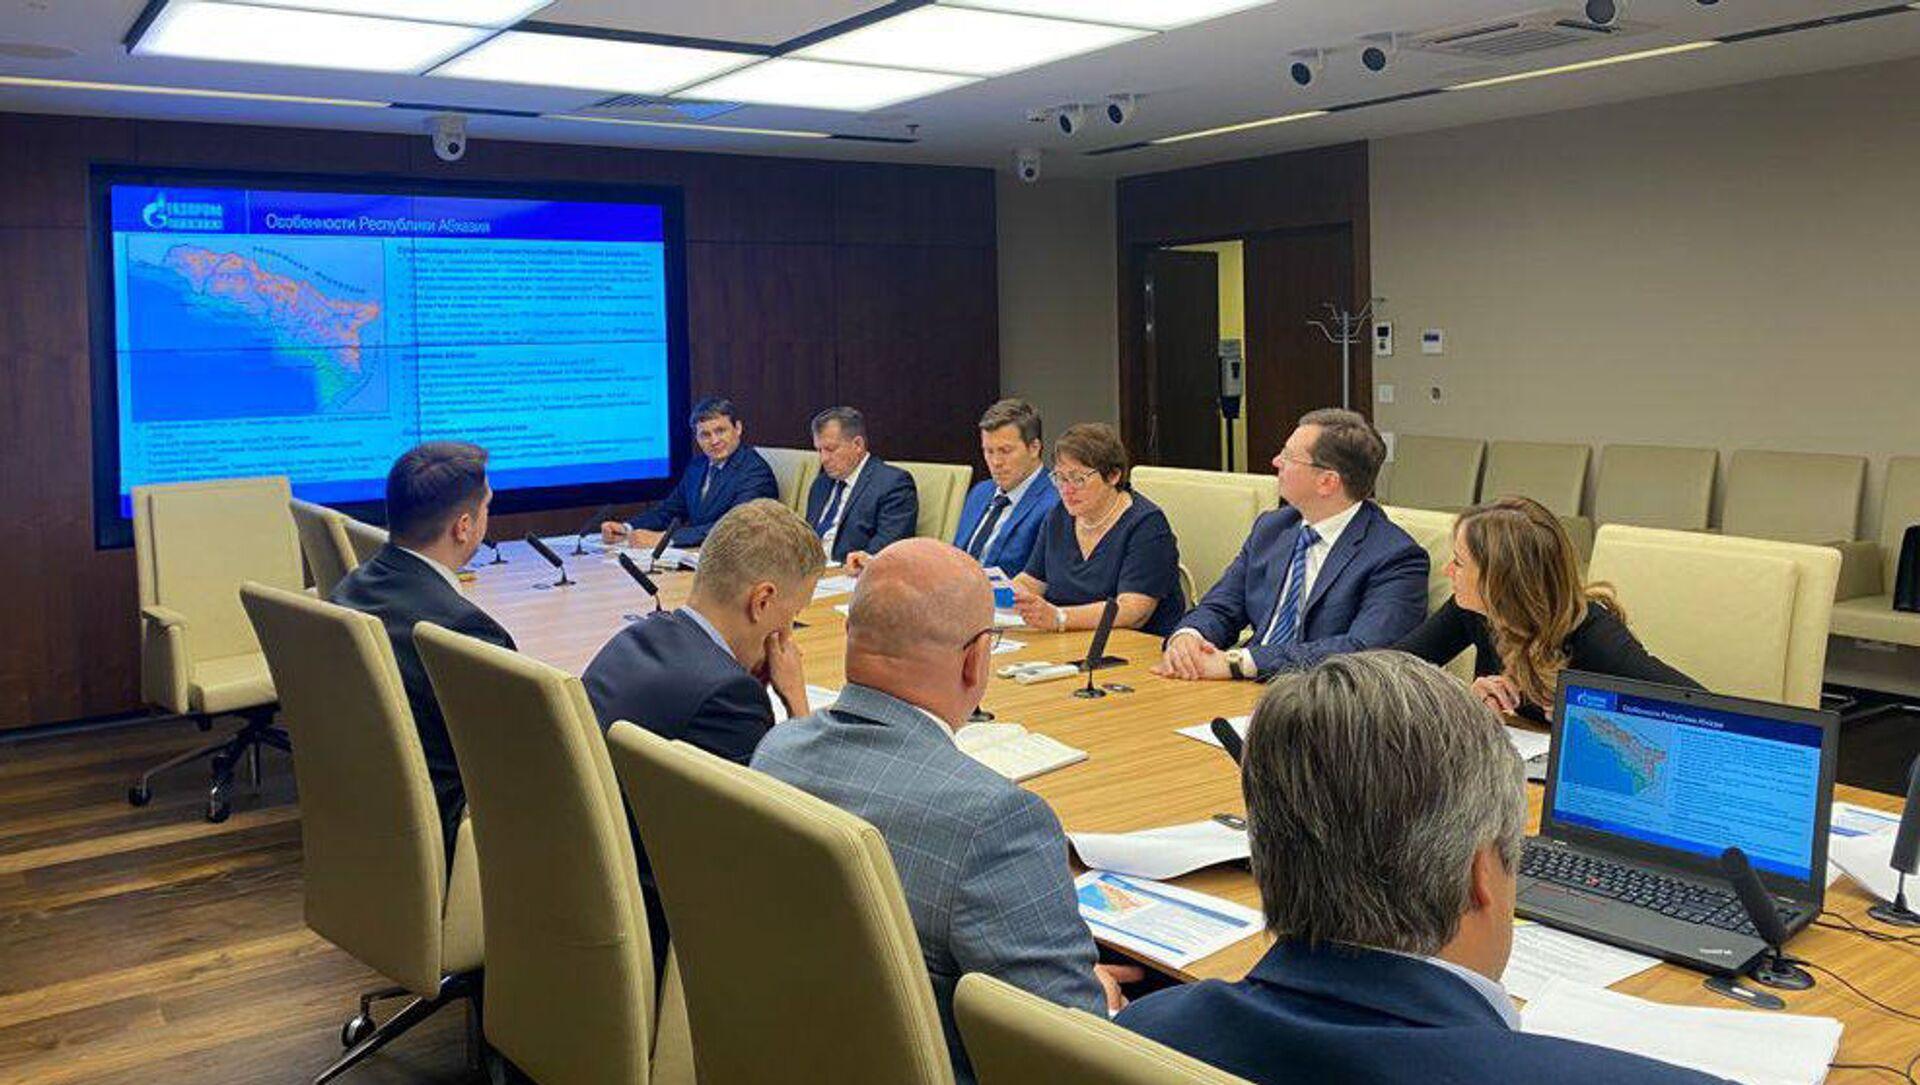 Министр экономики Кристина Озган встретилась с руководством ПАО Газпром и АО Газпром промгаз. - Sputnik Абхазия, 1920, 19.08.2021